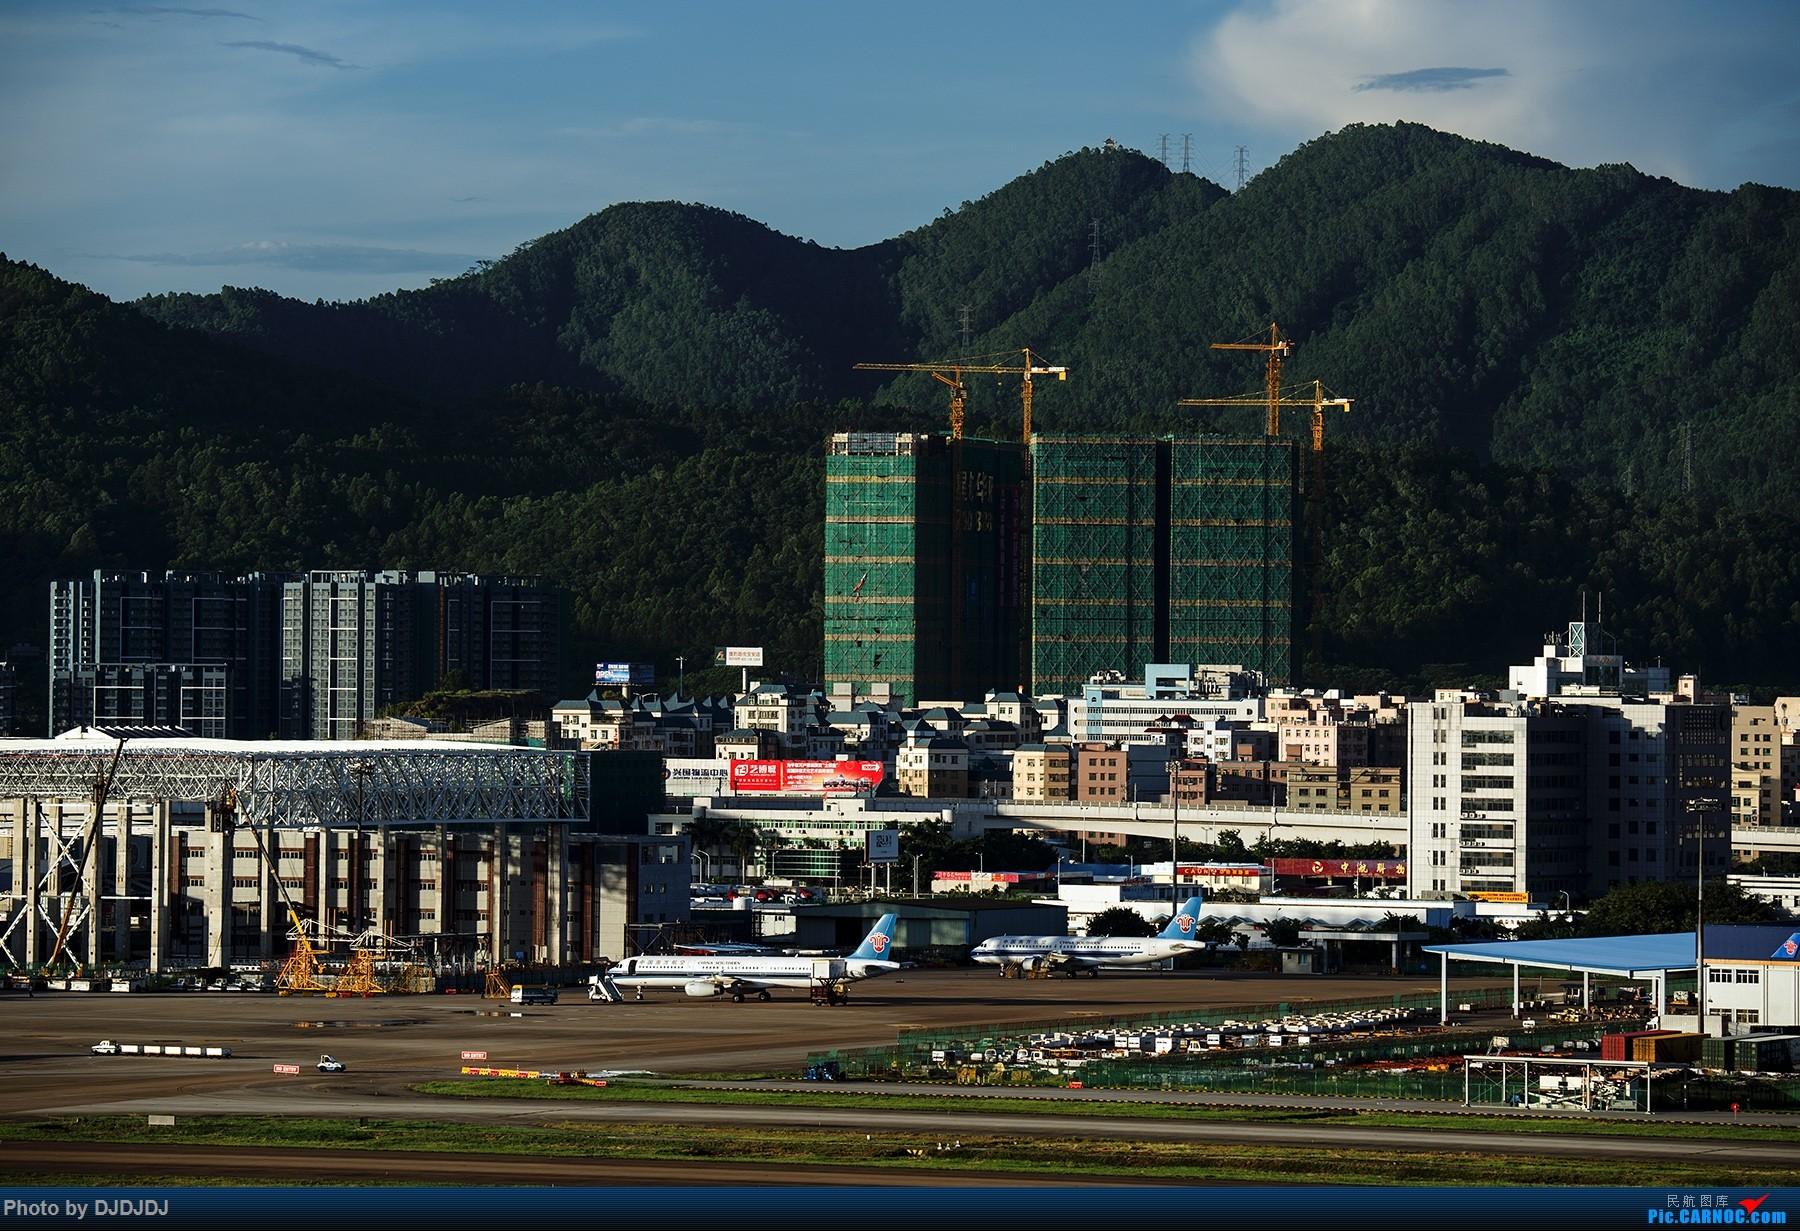 [原创]【BLDDQ】过完节明就是正式开工了,gogo好运    中国深圳宝安国际机场